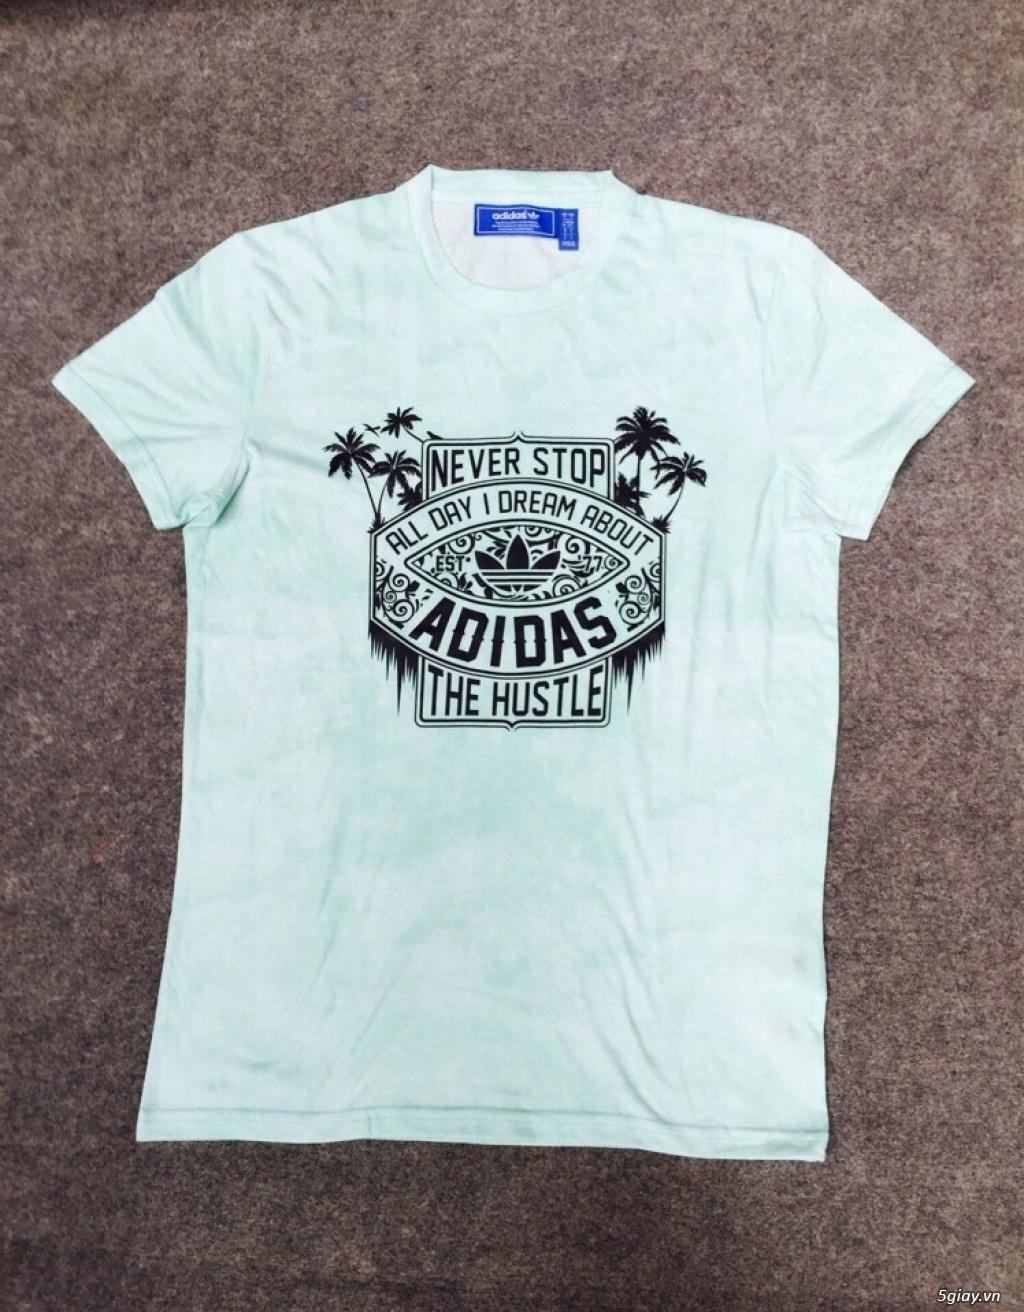 Chuyên bán Sĩ và Lẽ quần áo Nam Nữ :AJ ,LEVI'S, DIESEL, CK..giá tốt www.zannyshop.com - 24